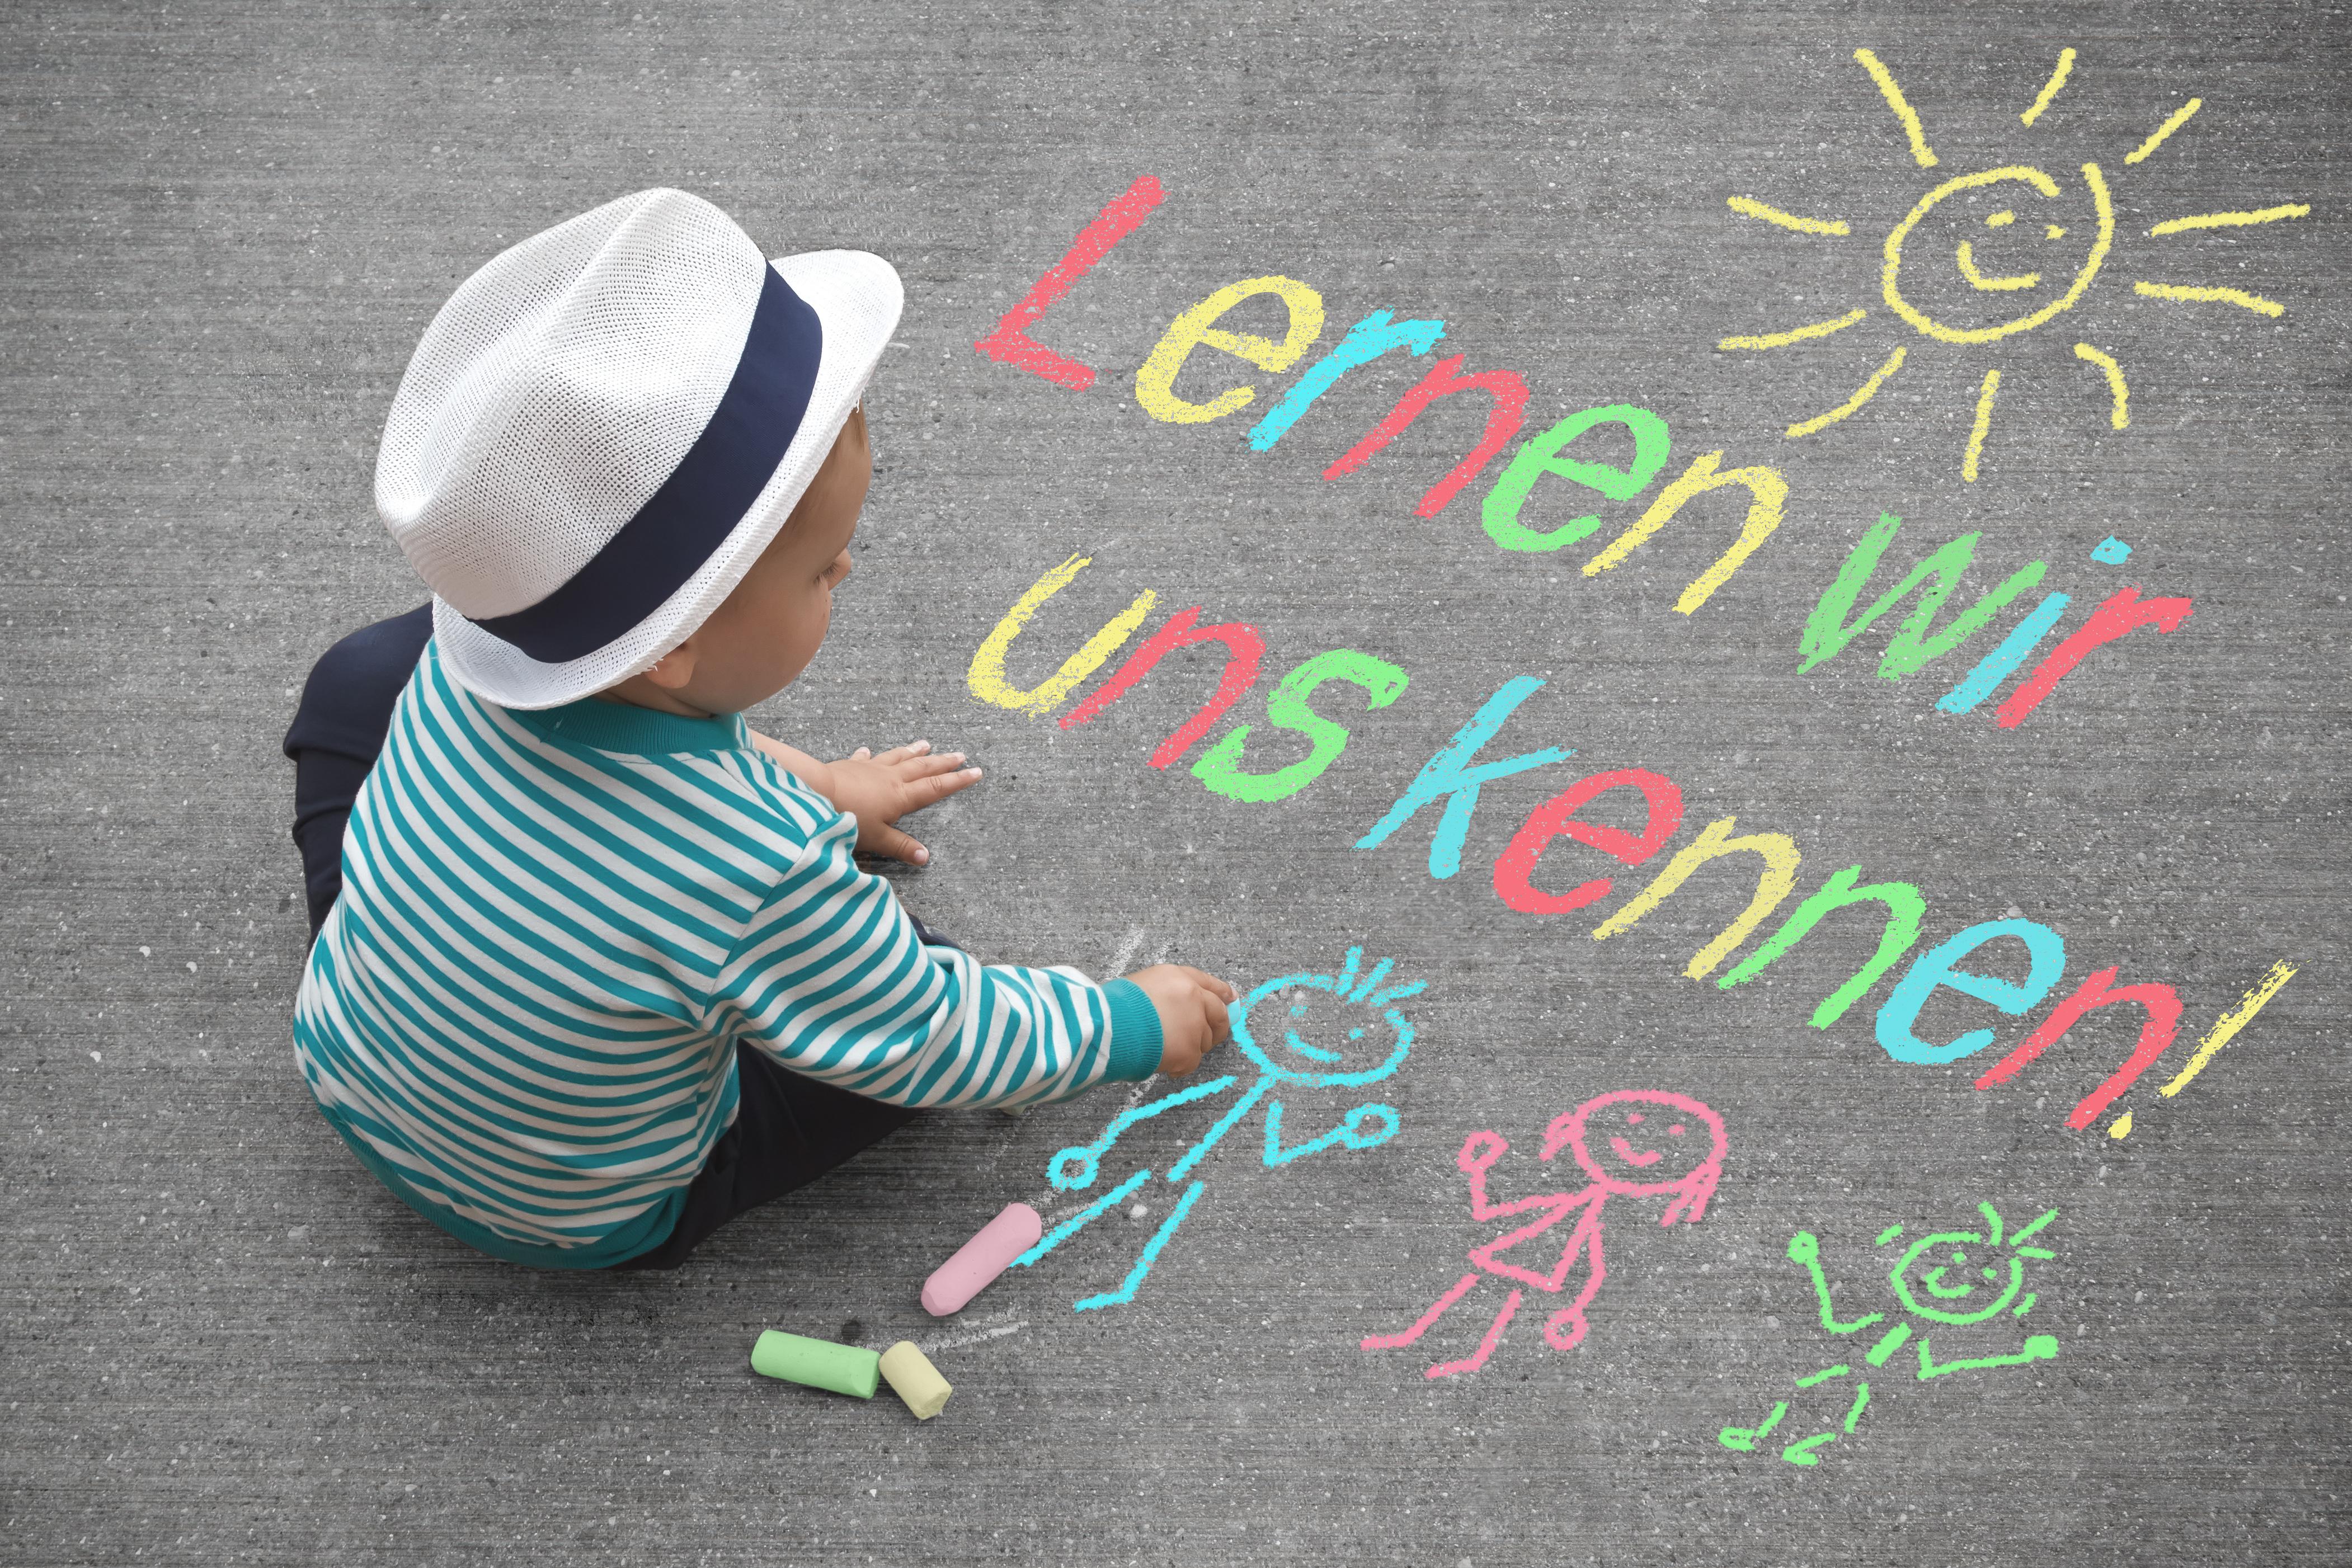 Kinderzeichnung – Lernen wir uns kennen!